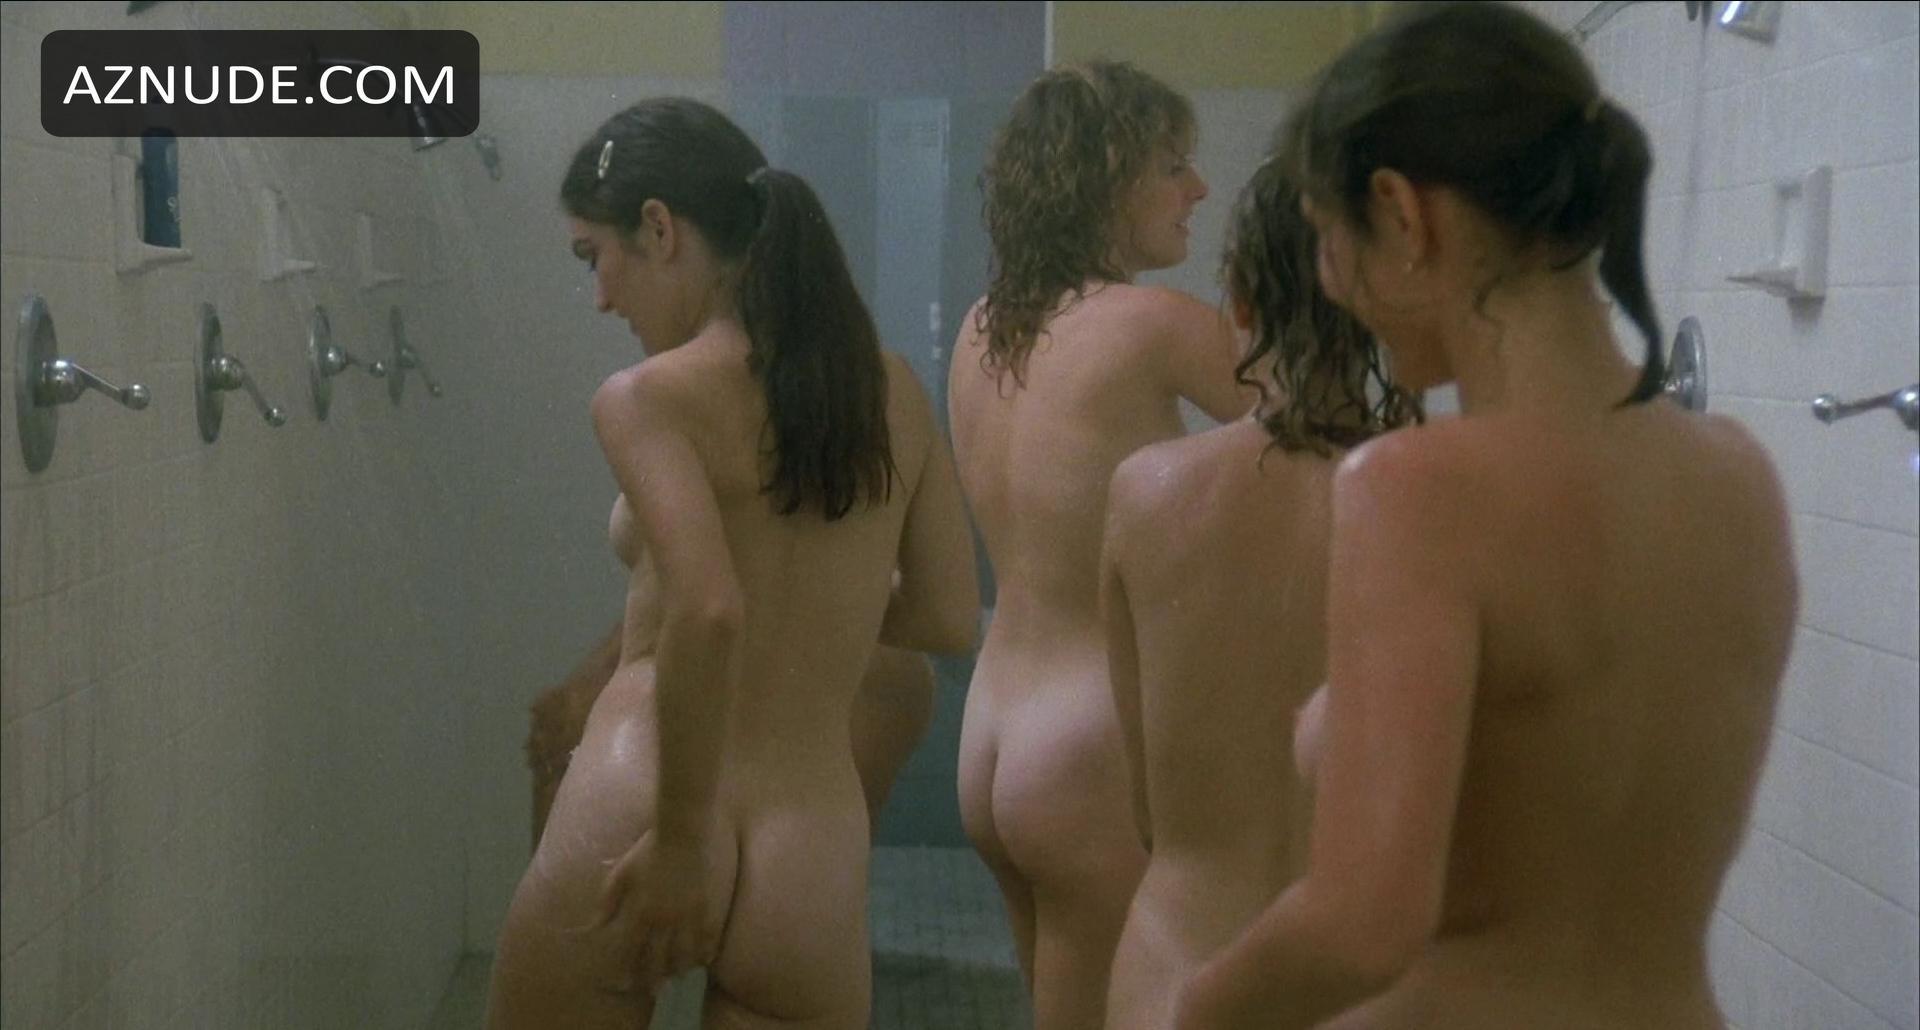 slutty navy chicks naked